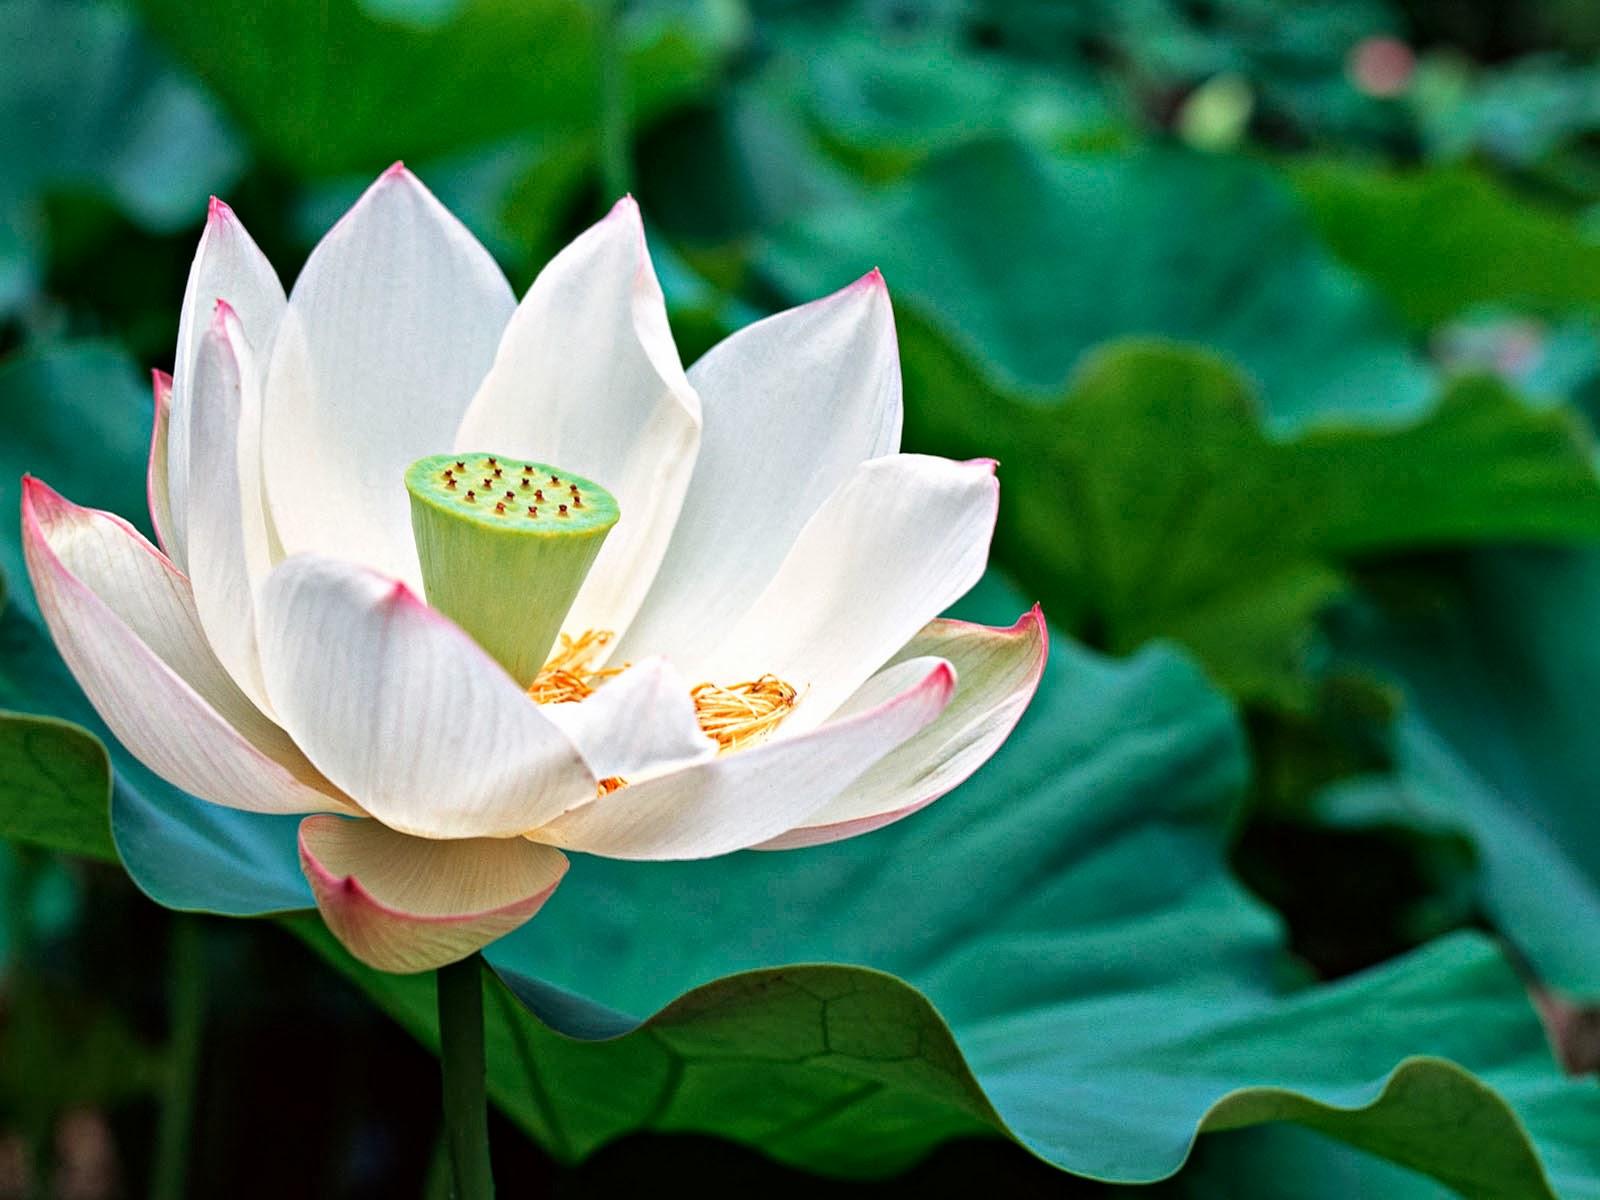 Fondo De Pantalla Flores Blancas En Fondo Rosa: Descarga Fondo De Pantalla Gratis: Fondo De Pantalla